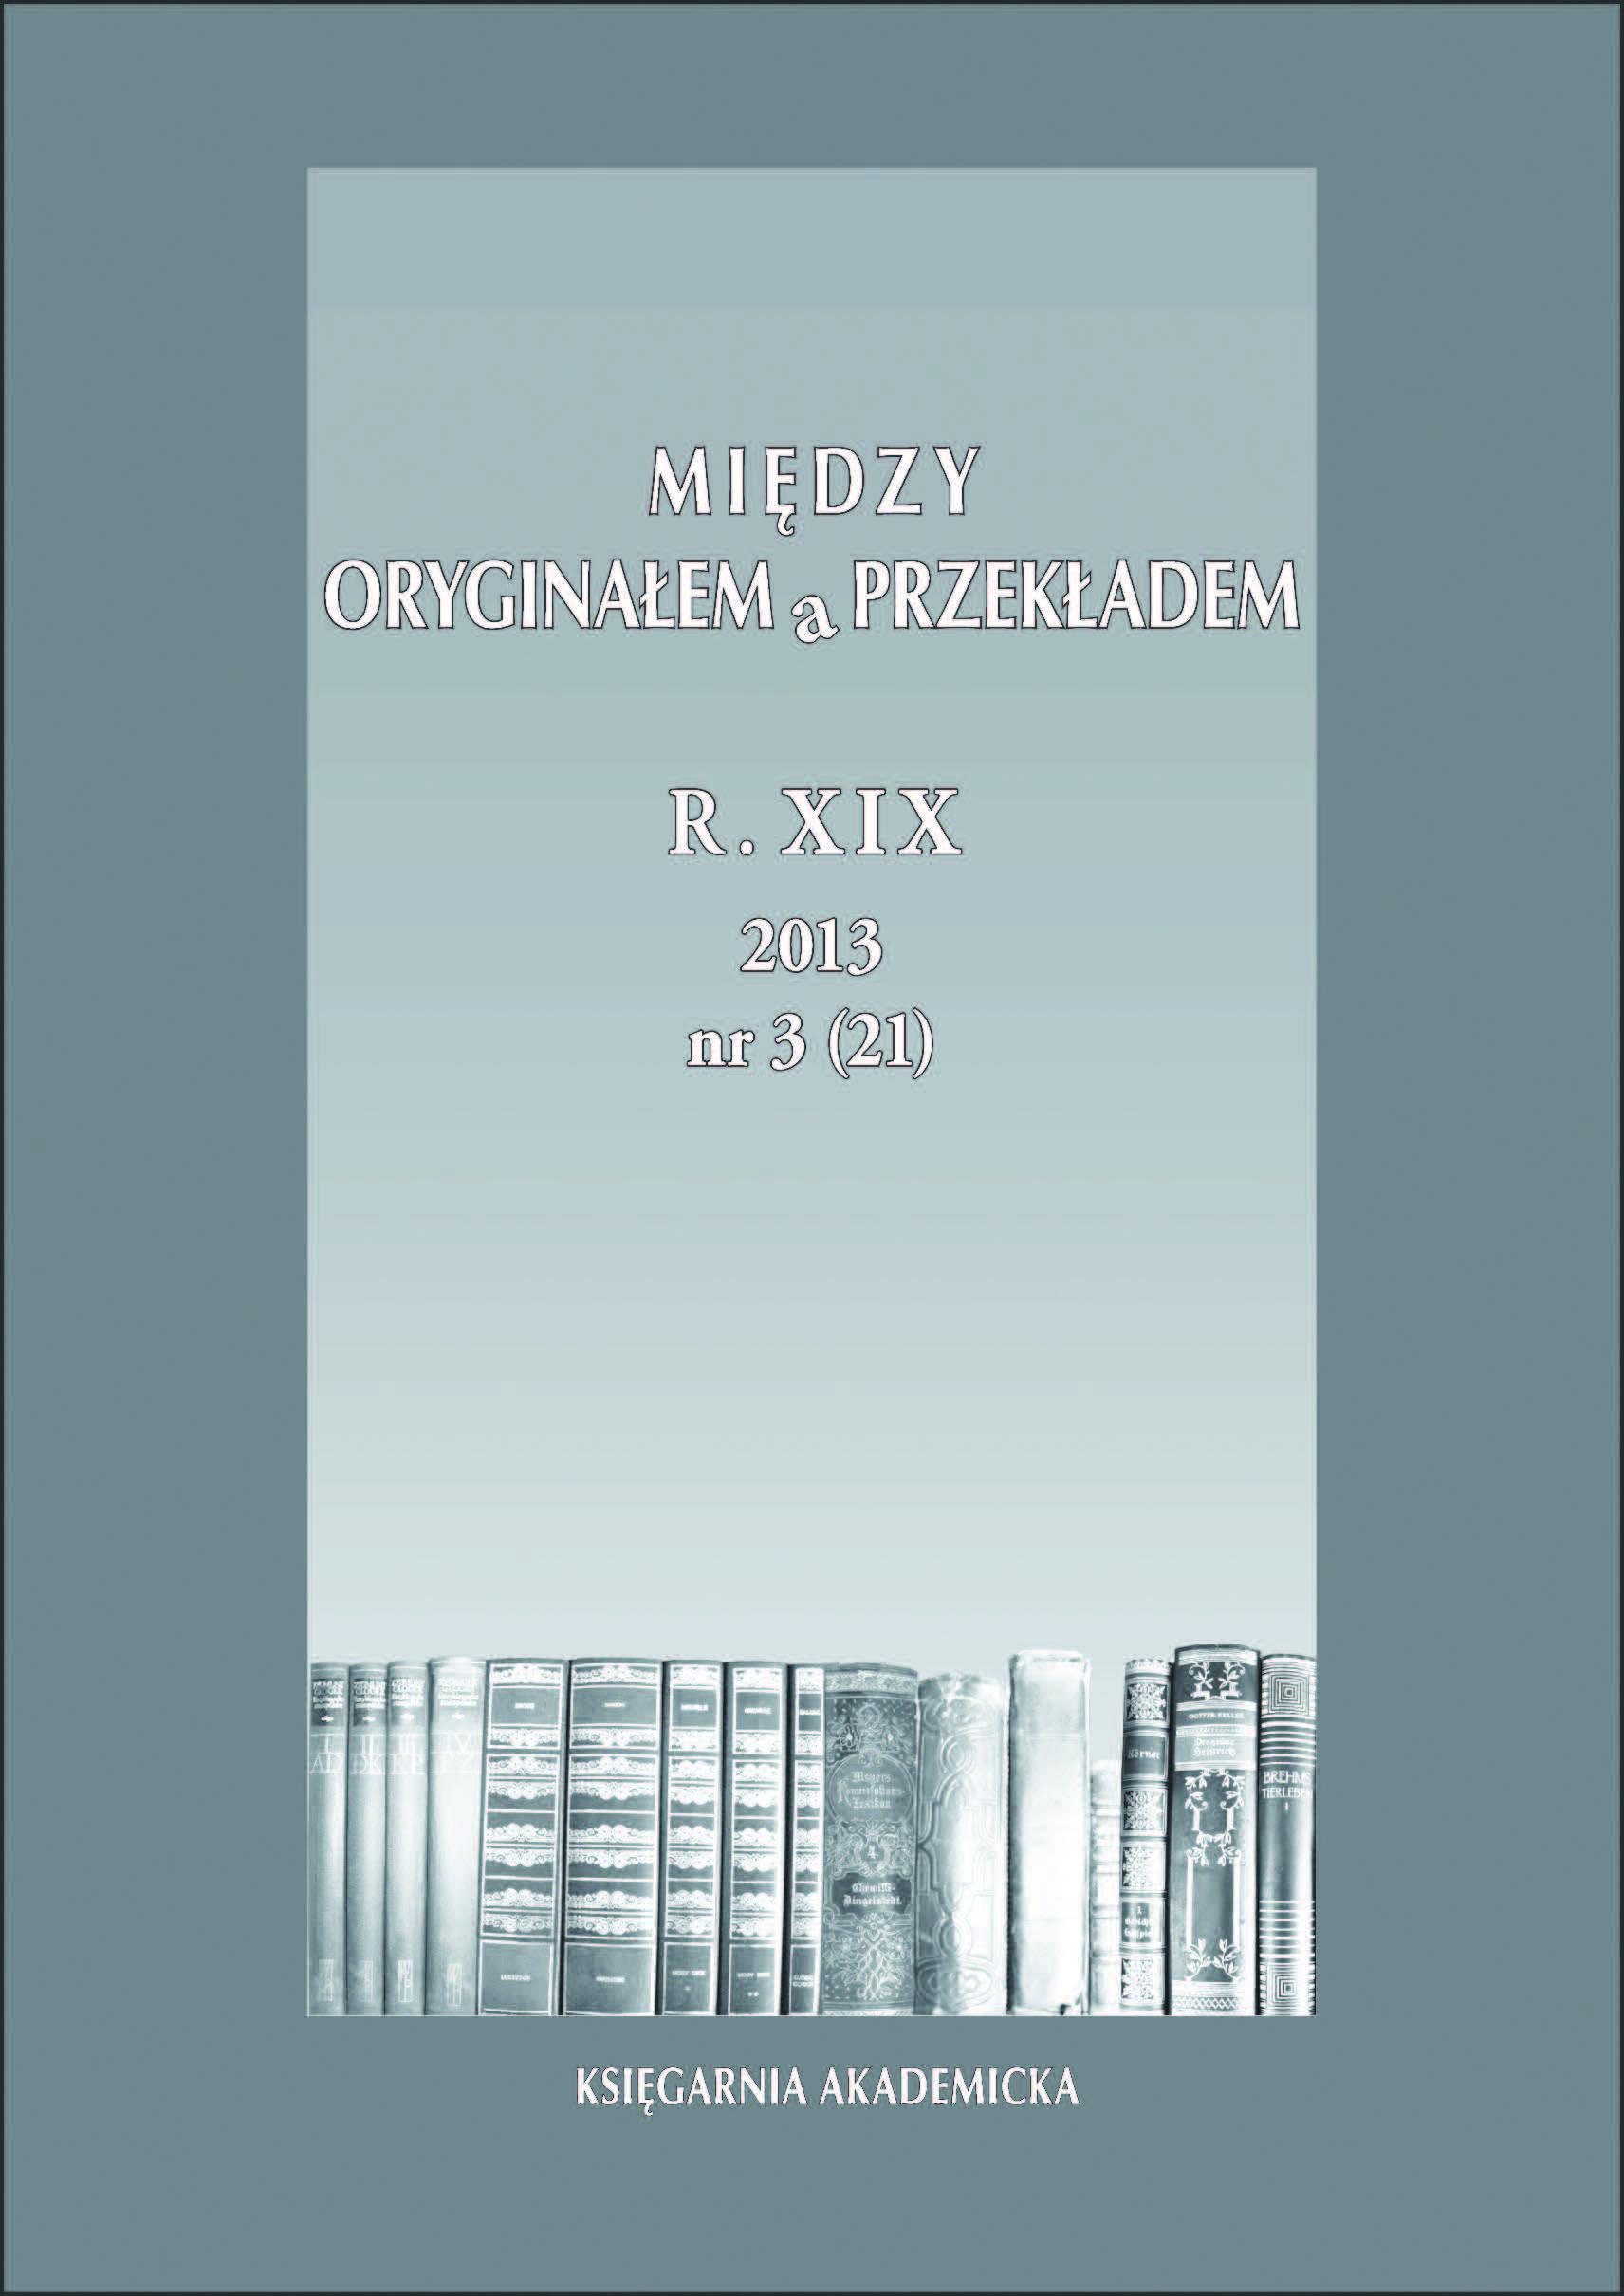 View Vol. 19 No. 3(21) (2013): TŁUMACZENIE SPECJALISTYCZNE